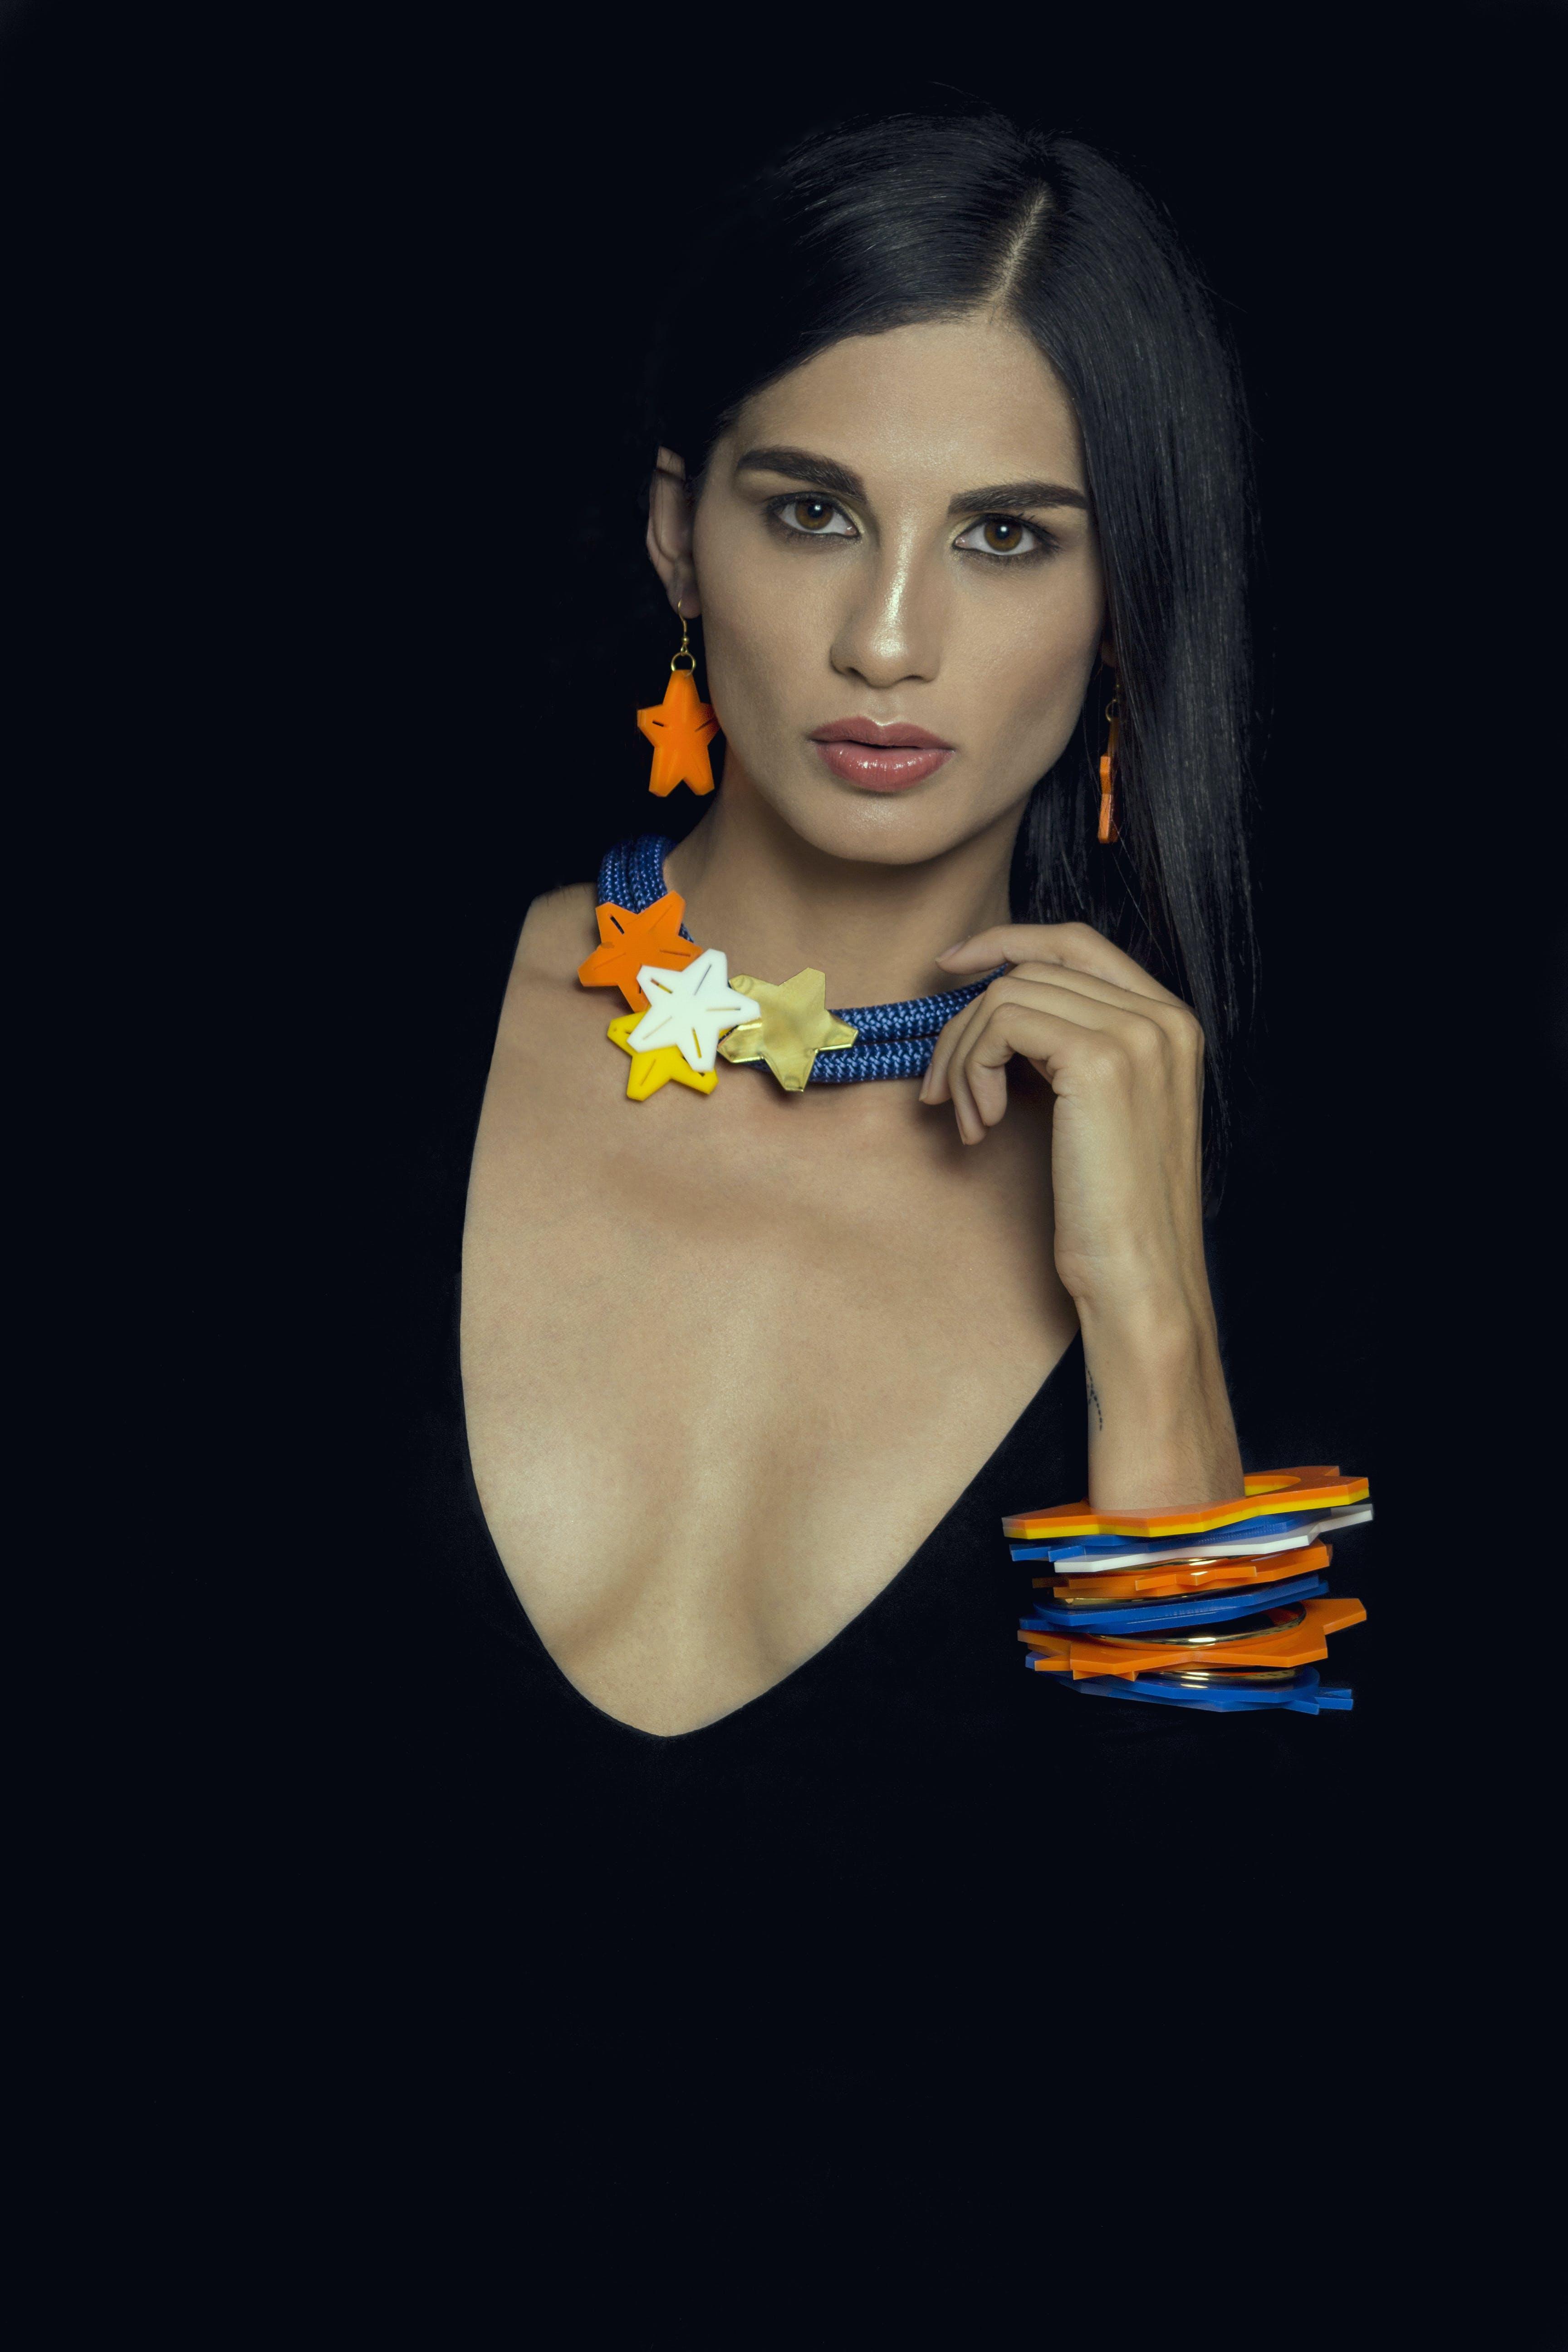 Fotos de stock gratuitas de accesorios, actitud, atractivo, belleza